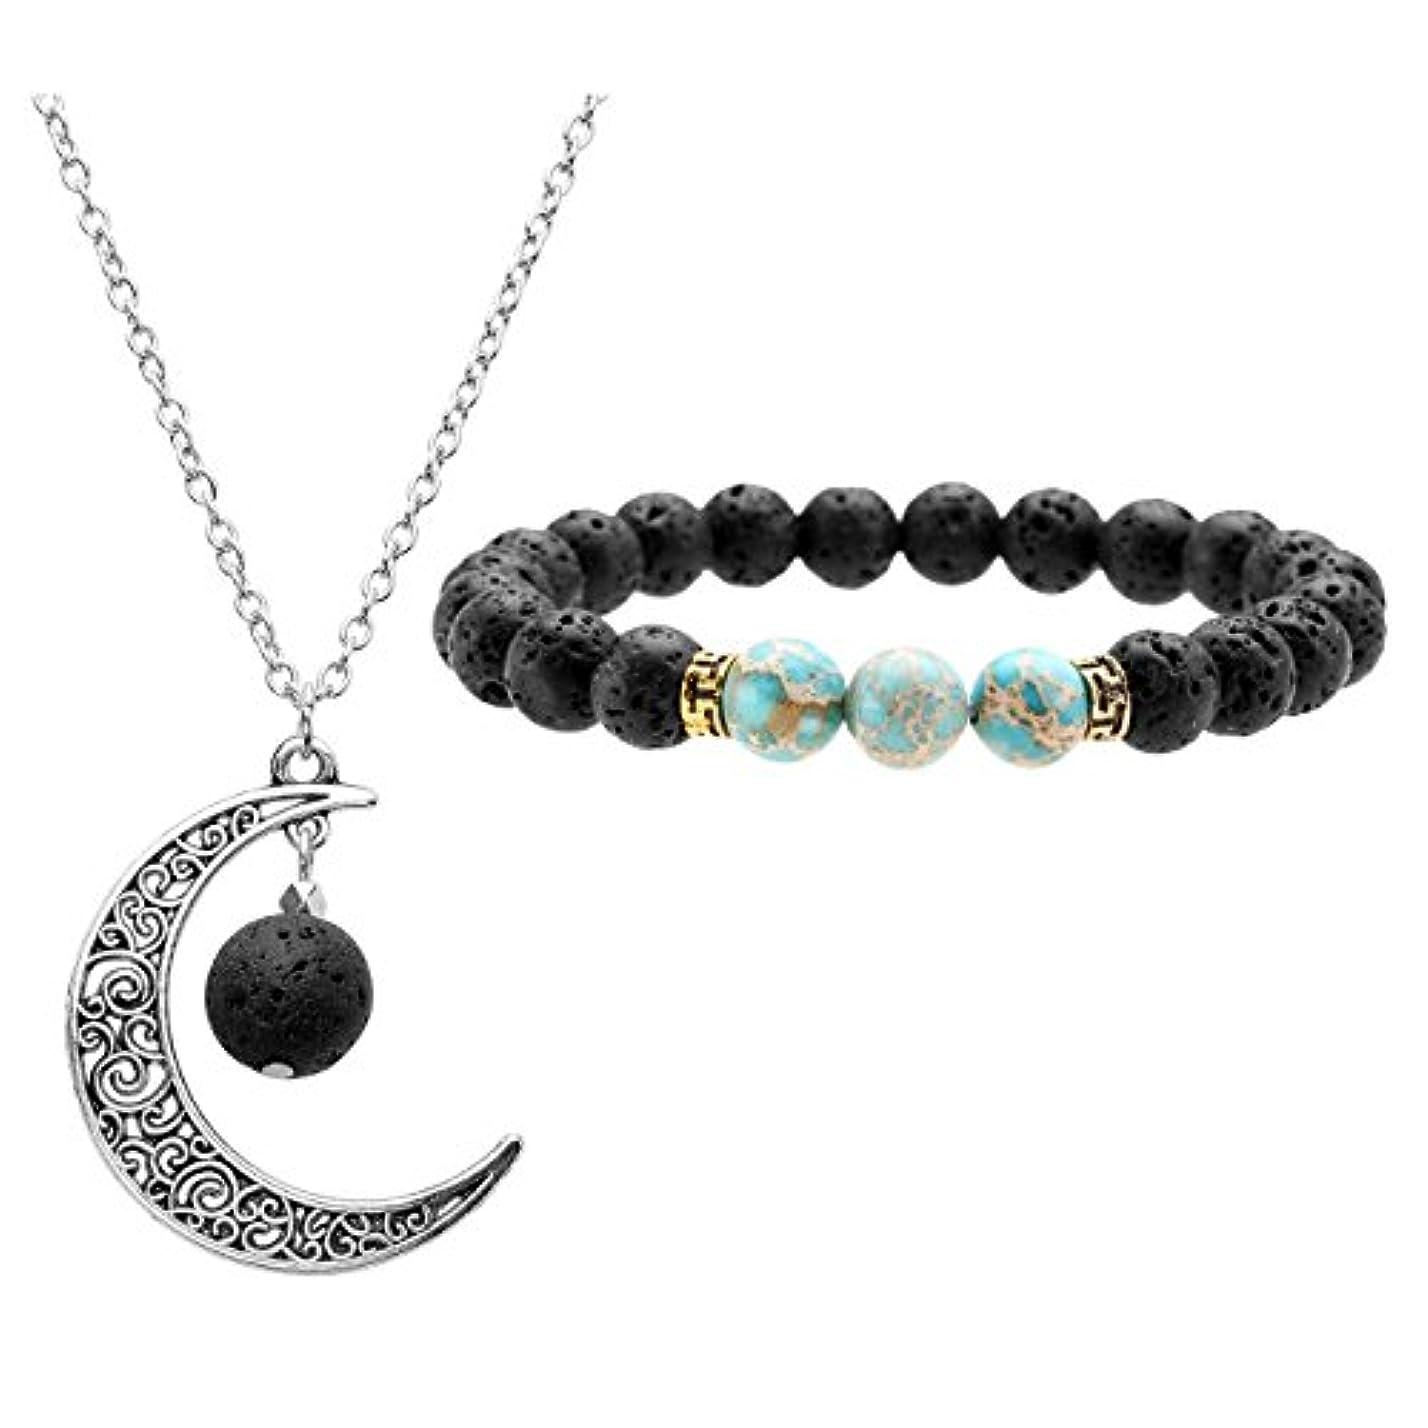 何もないベスビオ山教えJOVIVI Lava Stone Aromatherapy Essential Oil Diffuser Necklace Bracelet Set- Crescent Moon Jewellery